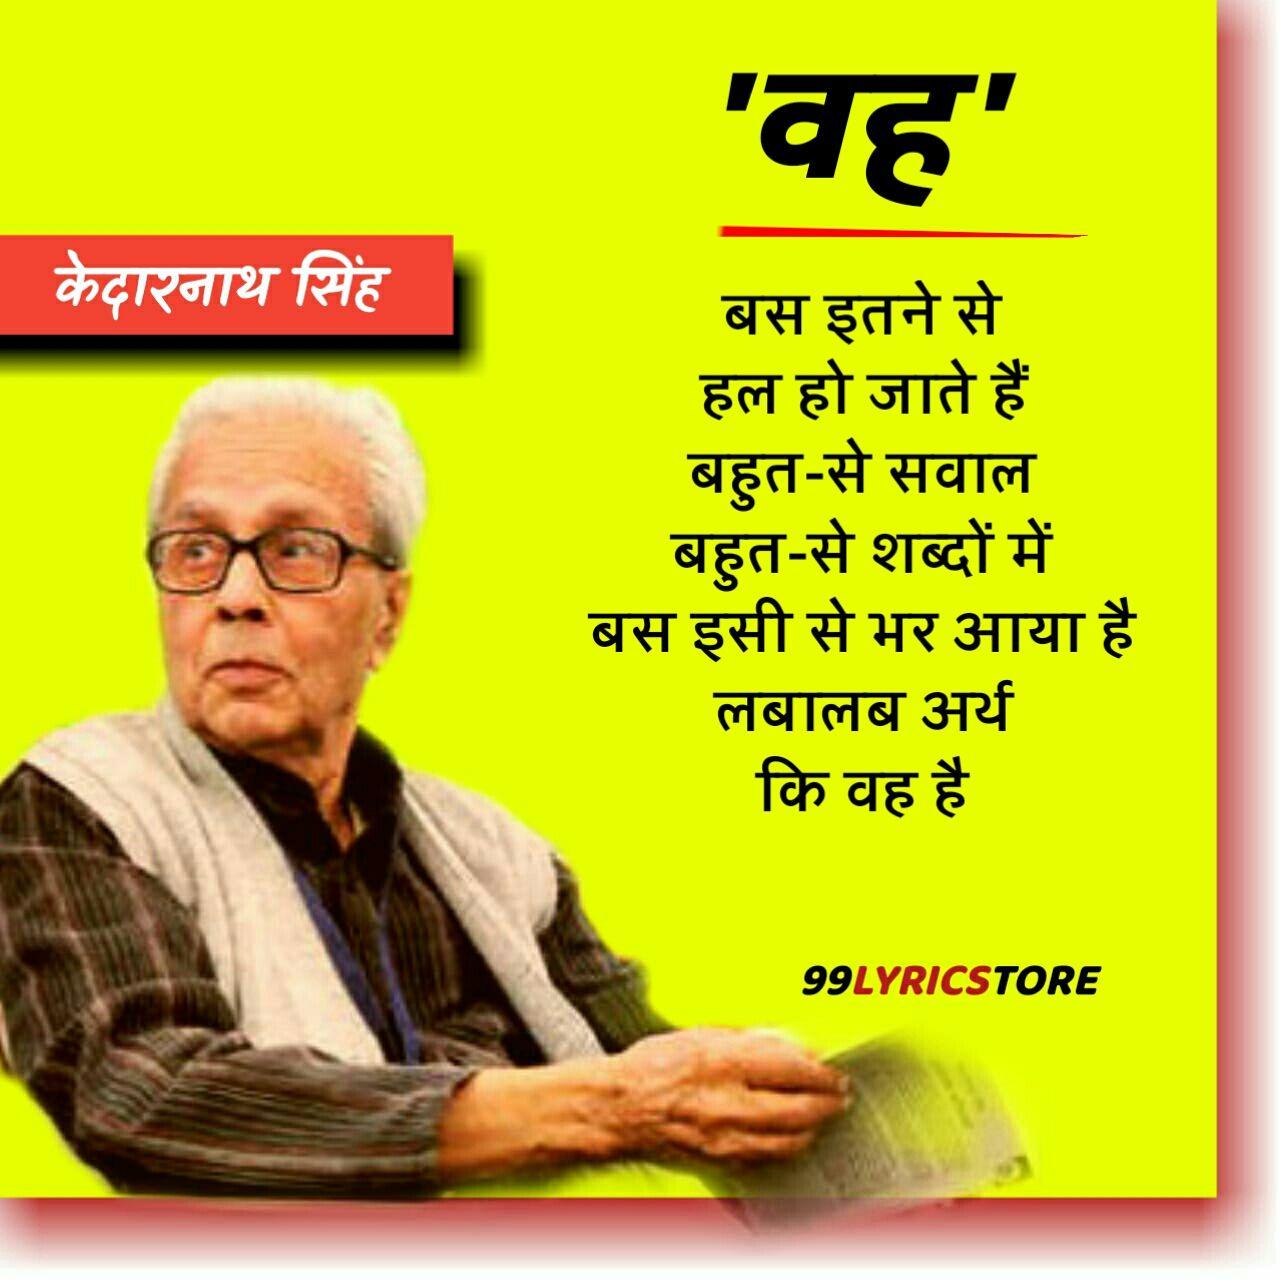 'वह' कविता केदारनाथ सिंह जी द्वारा लिखी गई एक हिन्दी कविता है।